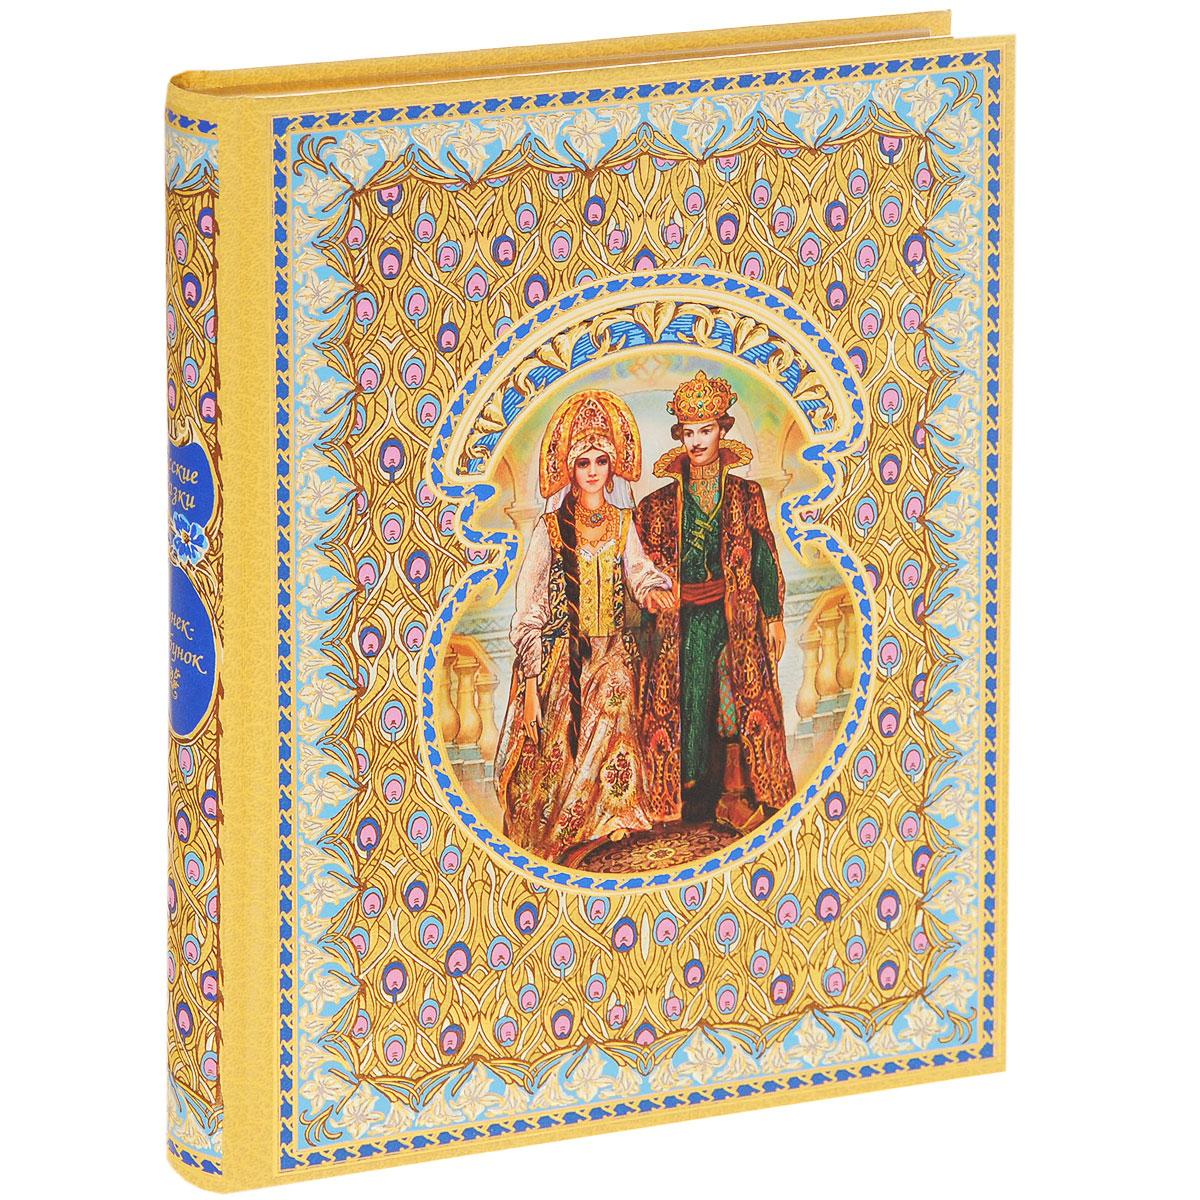 Конек-горбунок (подарочное издание)  - купить со скидкой